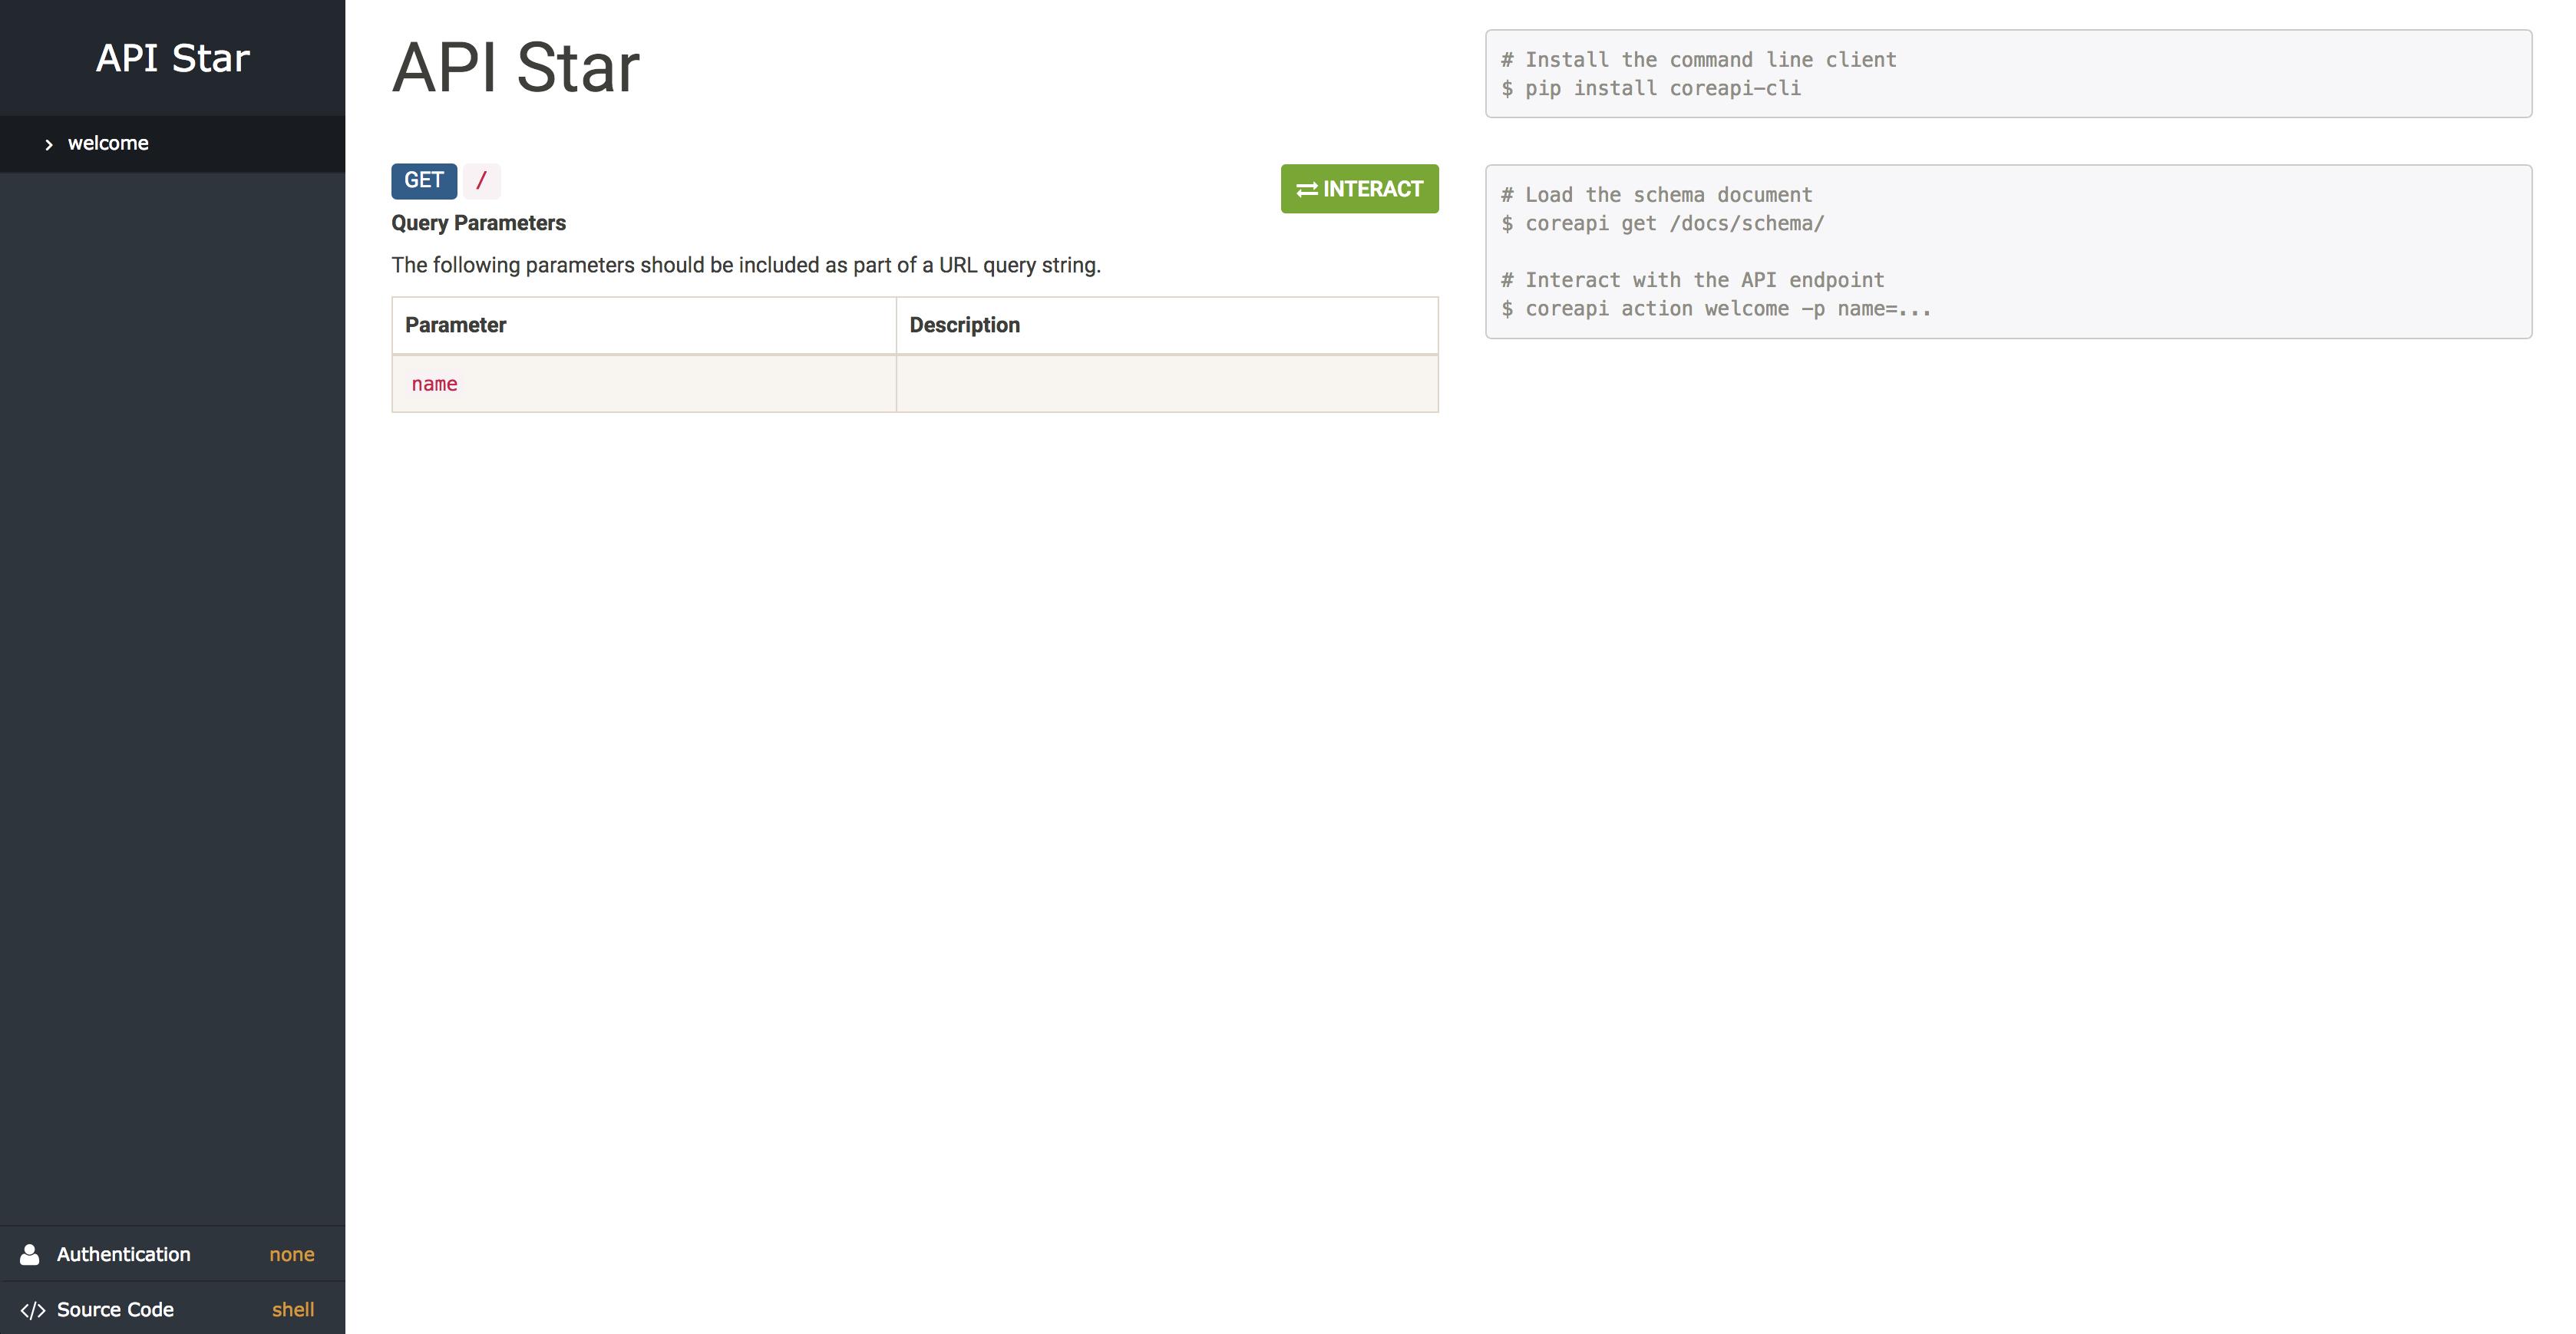 API Star new project documentation